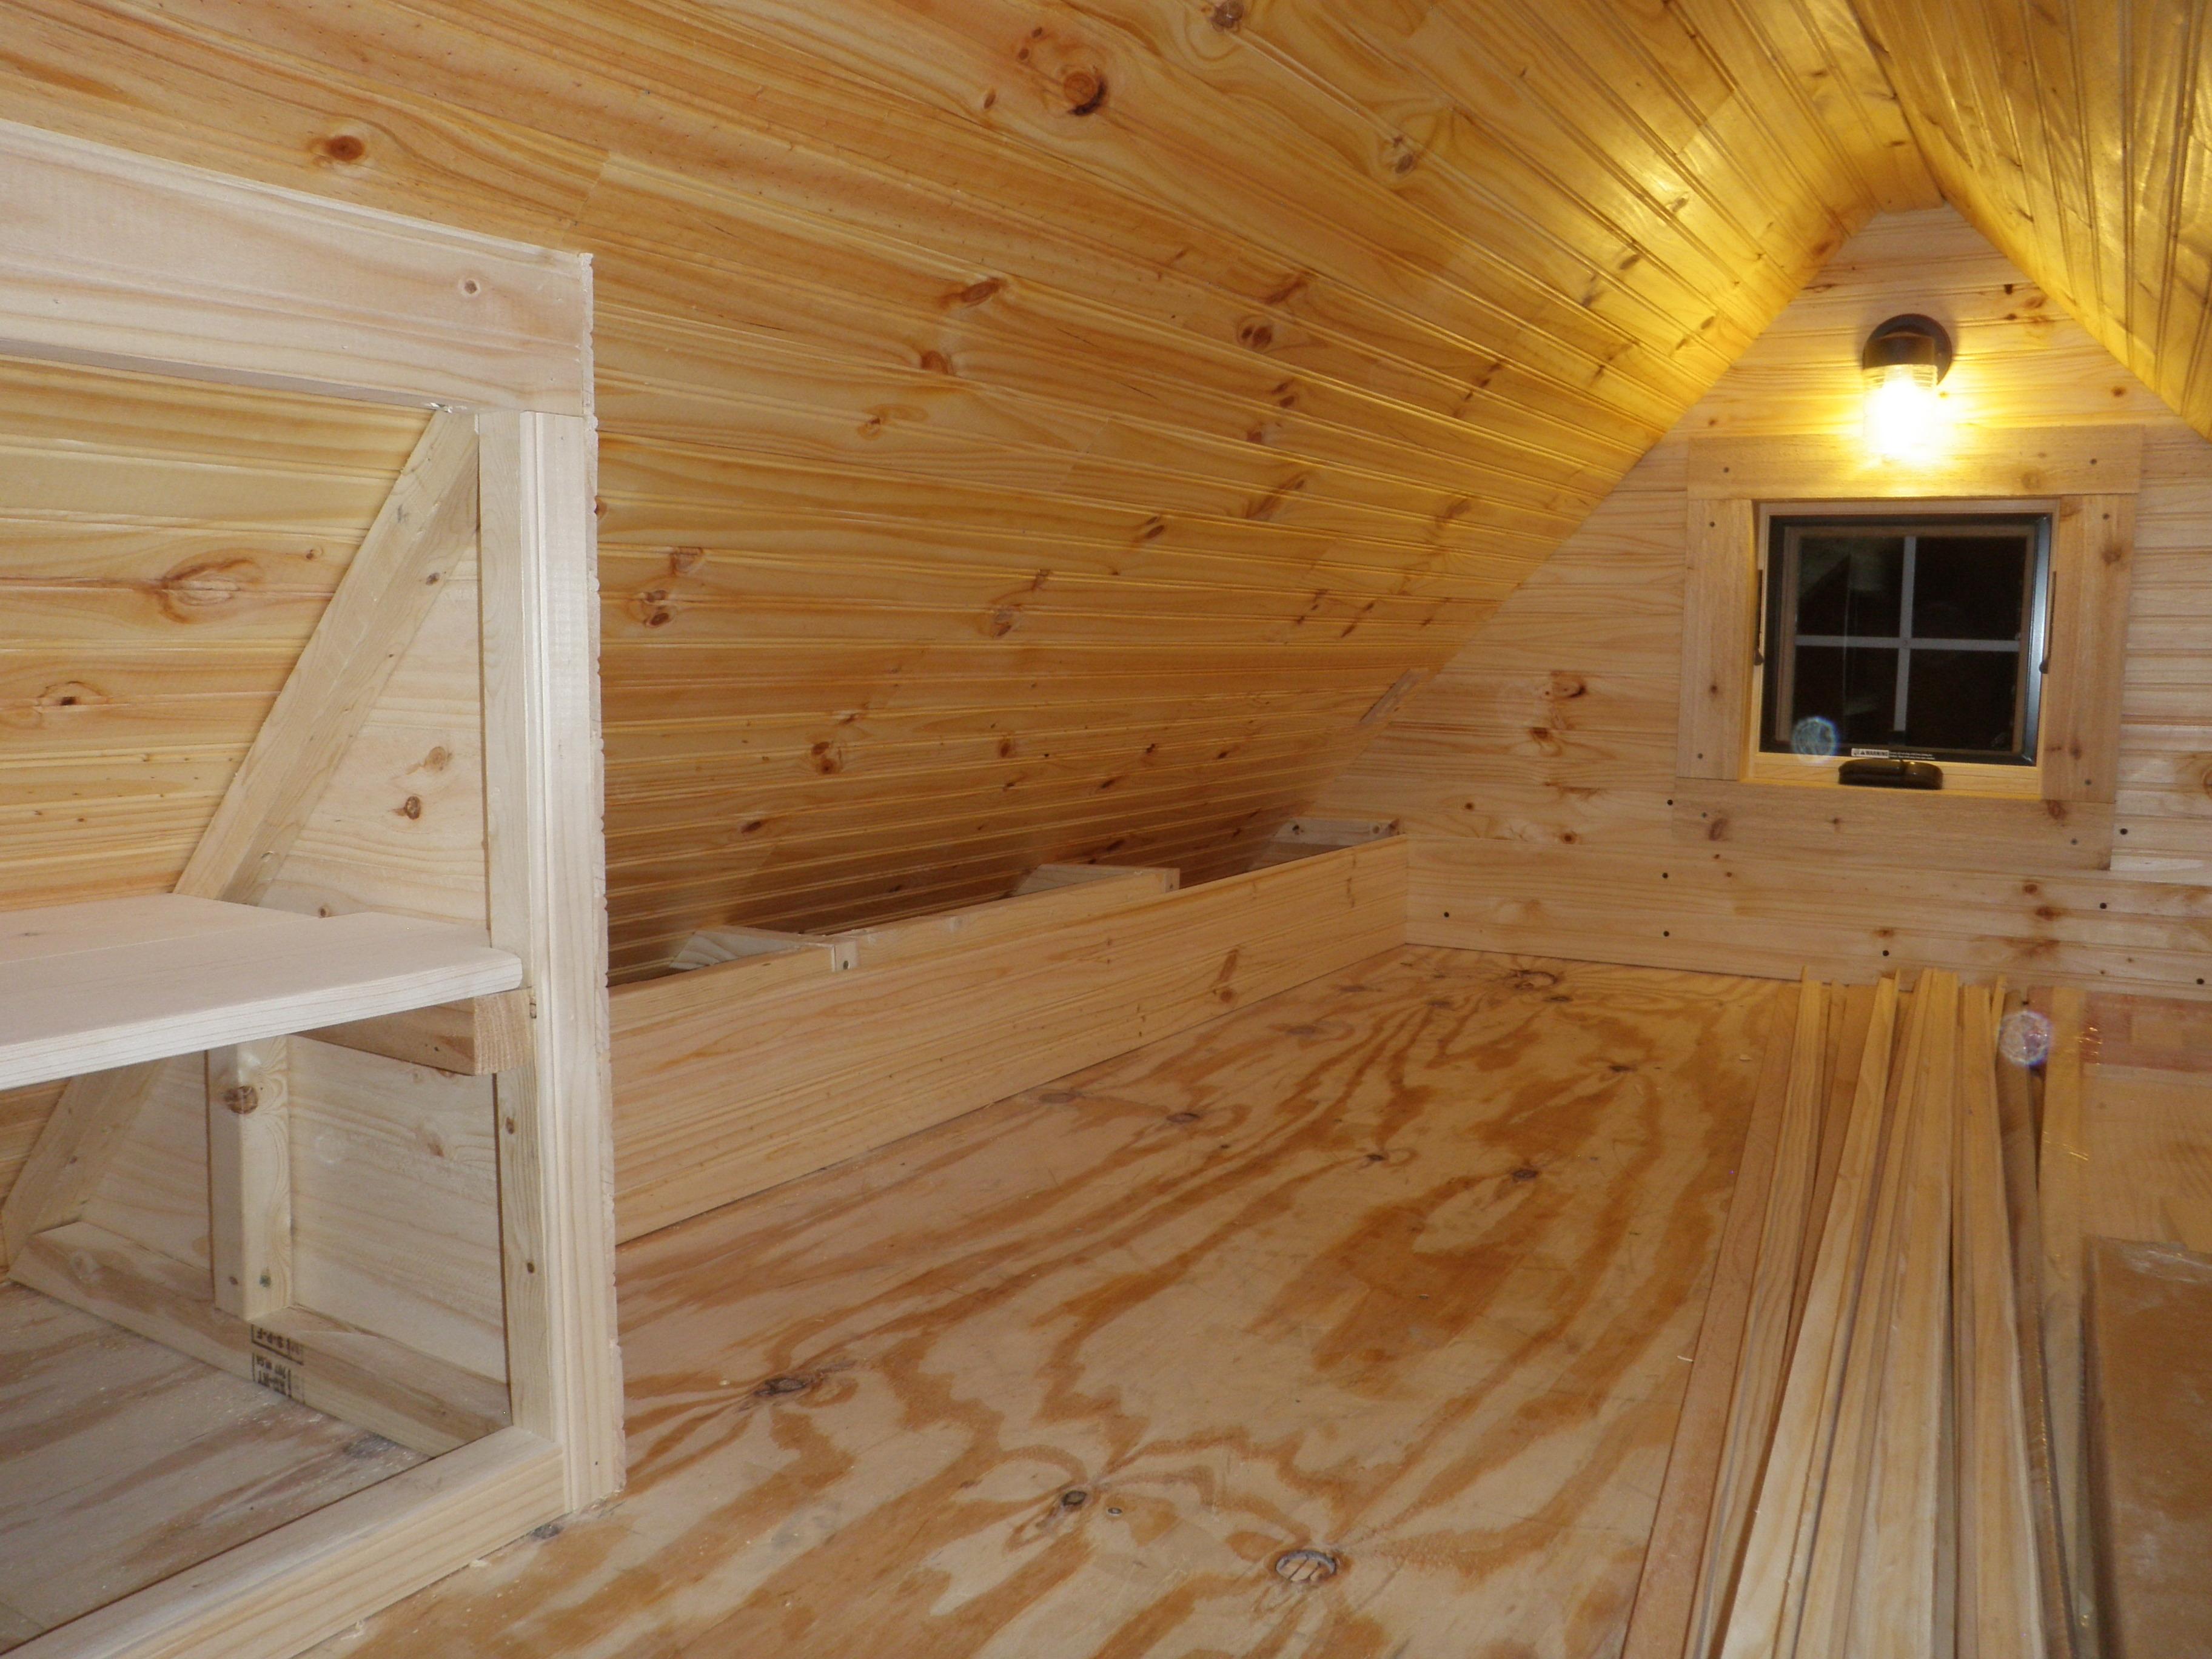 Sleeping Loft Taking Shape Built By Friends Evan